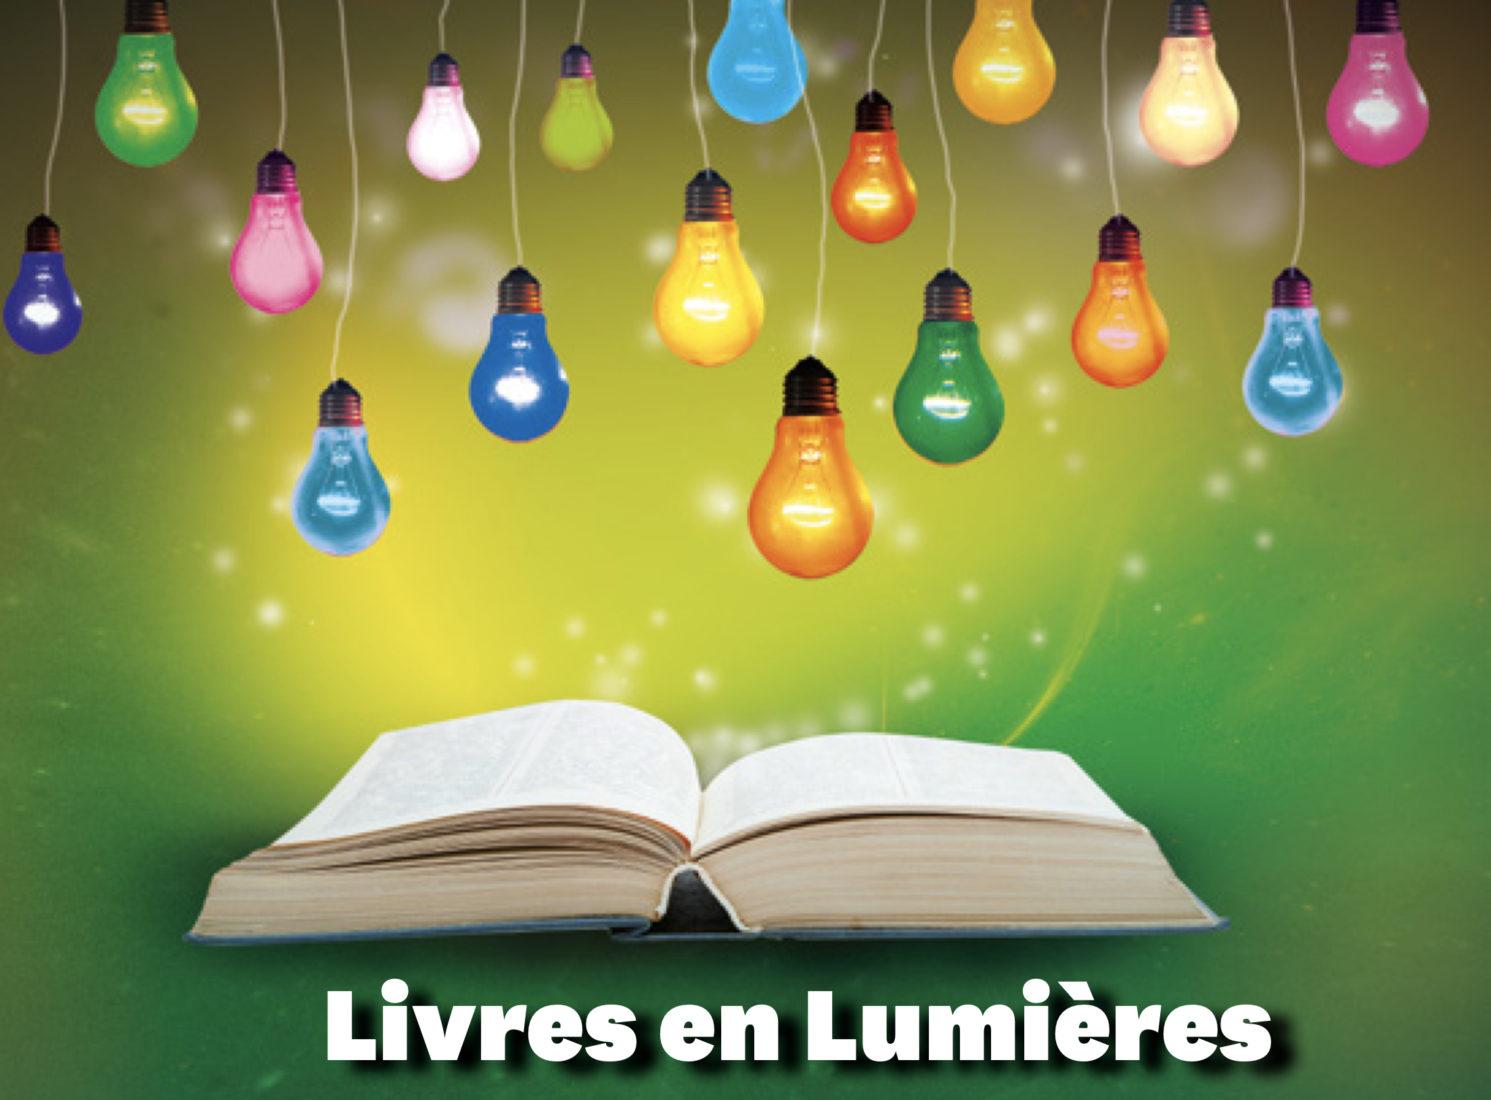 Affiche Livres en Lumières